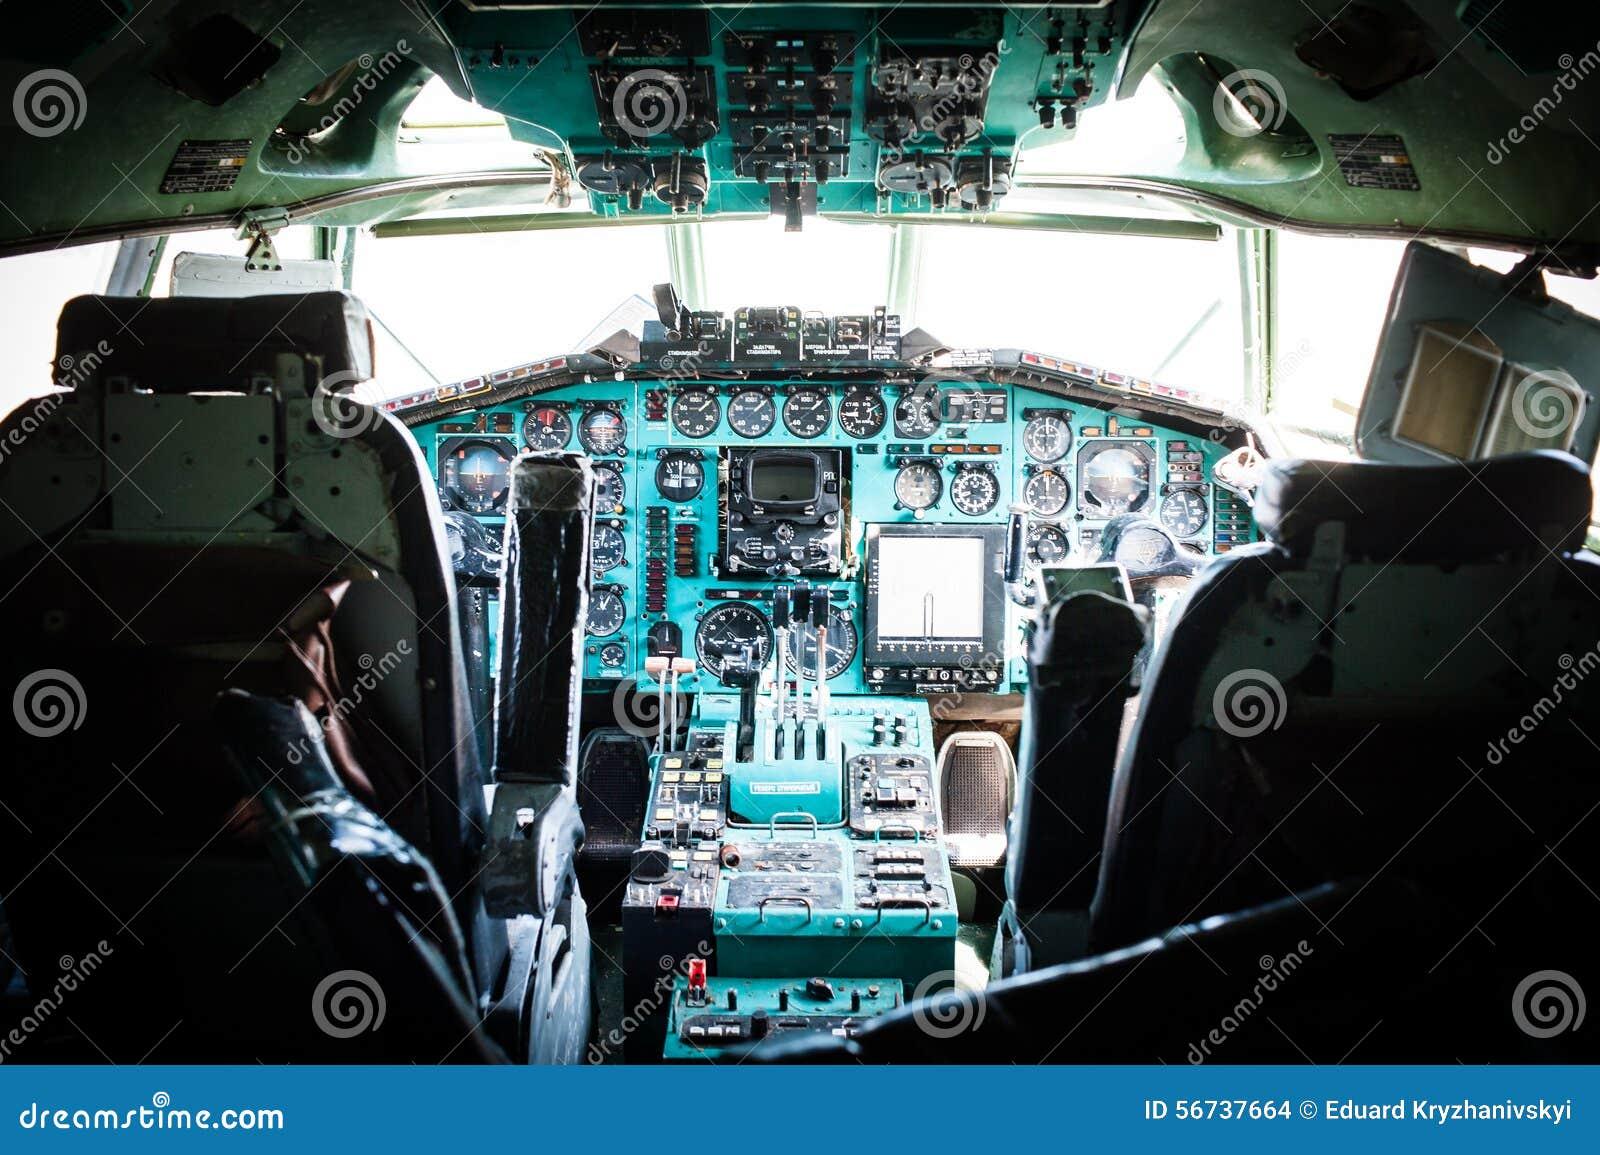 Avion de passagers Tu-154 soviétique massif à moyenne portée